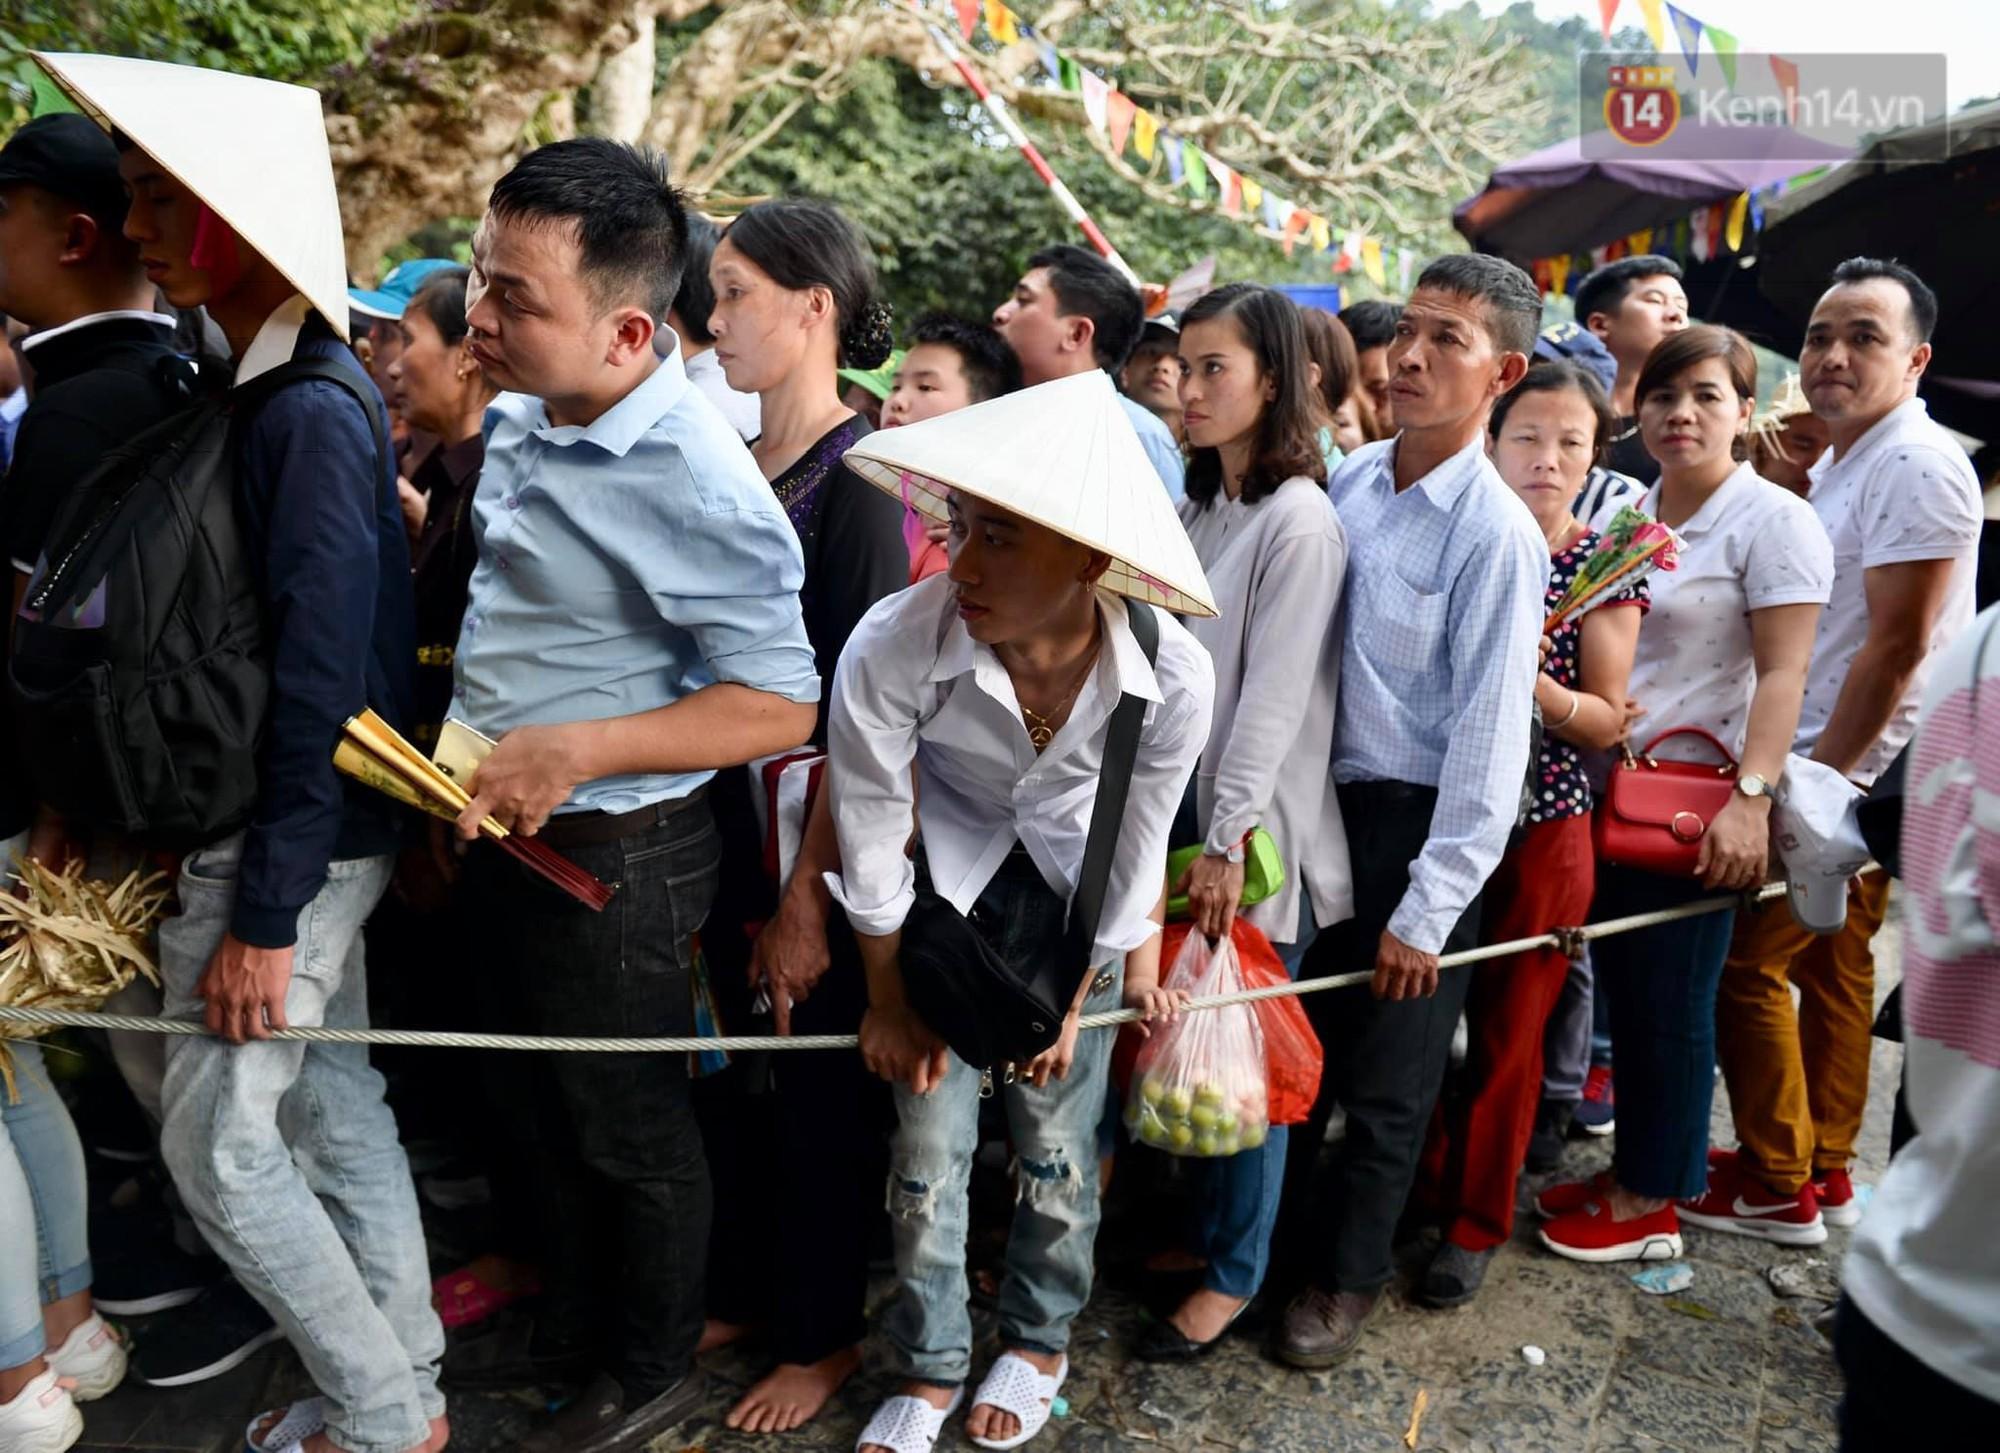 Ảnh: Mệt mỏi vì chen lấn giữa hàng vạn người dù chưa khai hội chùa Hương, nhiều em nhỏ ngủ gục trên vai mẹ-3